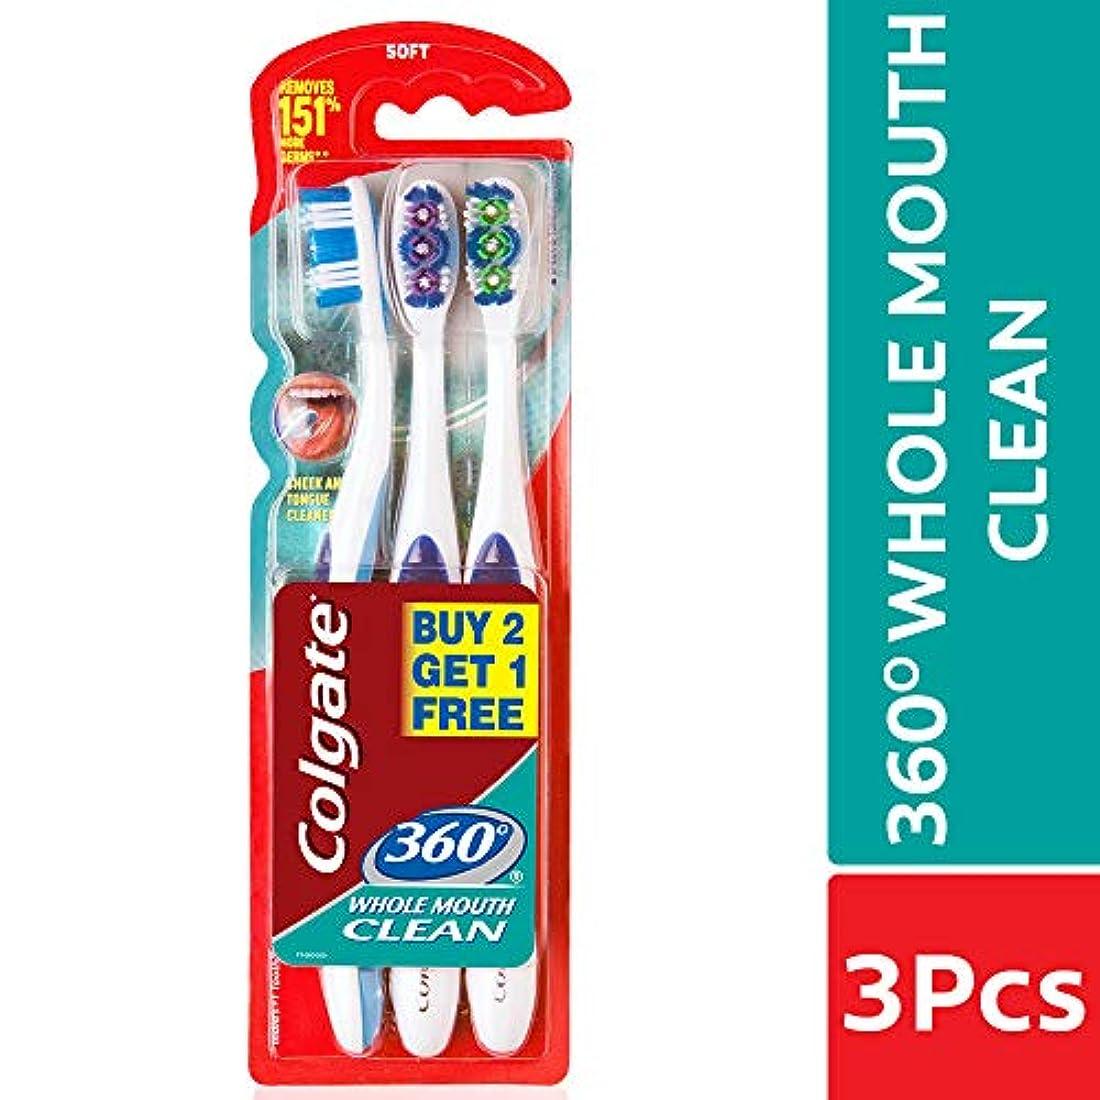 呼吸する検体欠如Colgate 360 whole mouth clean (MEDIUM) toothbrush (3pc pack)